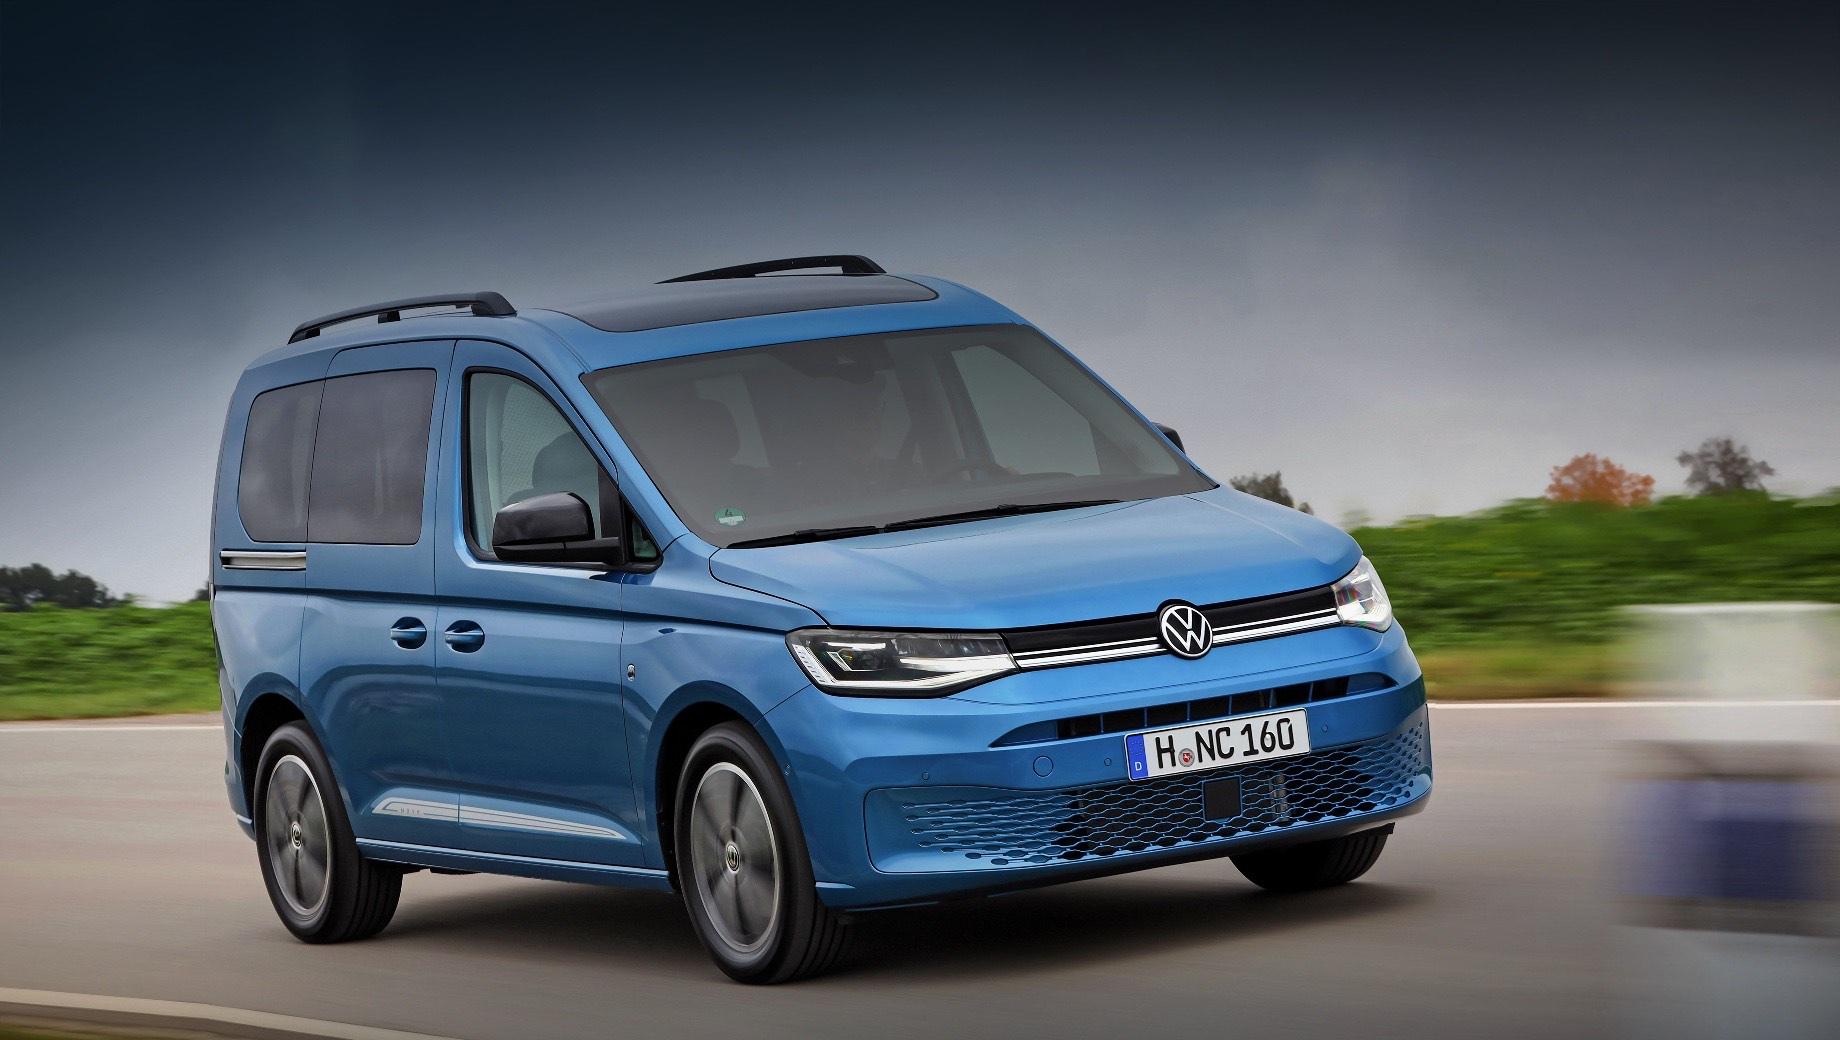 Новый Volkswagen Caddy оценён почти в два миллиона рублей